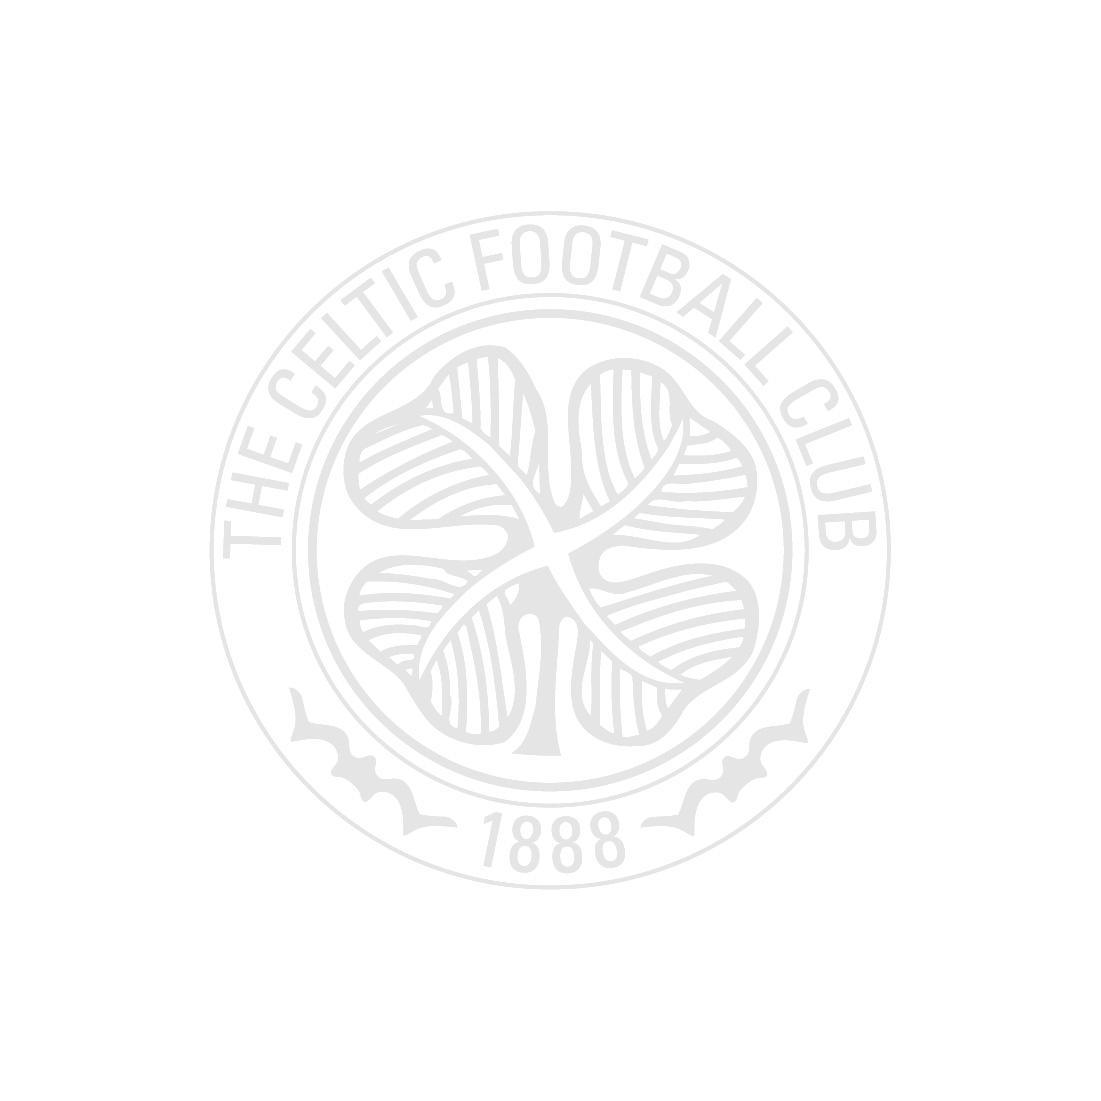 Celtic Brxlz Football